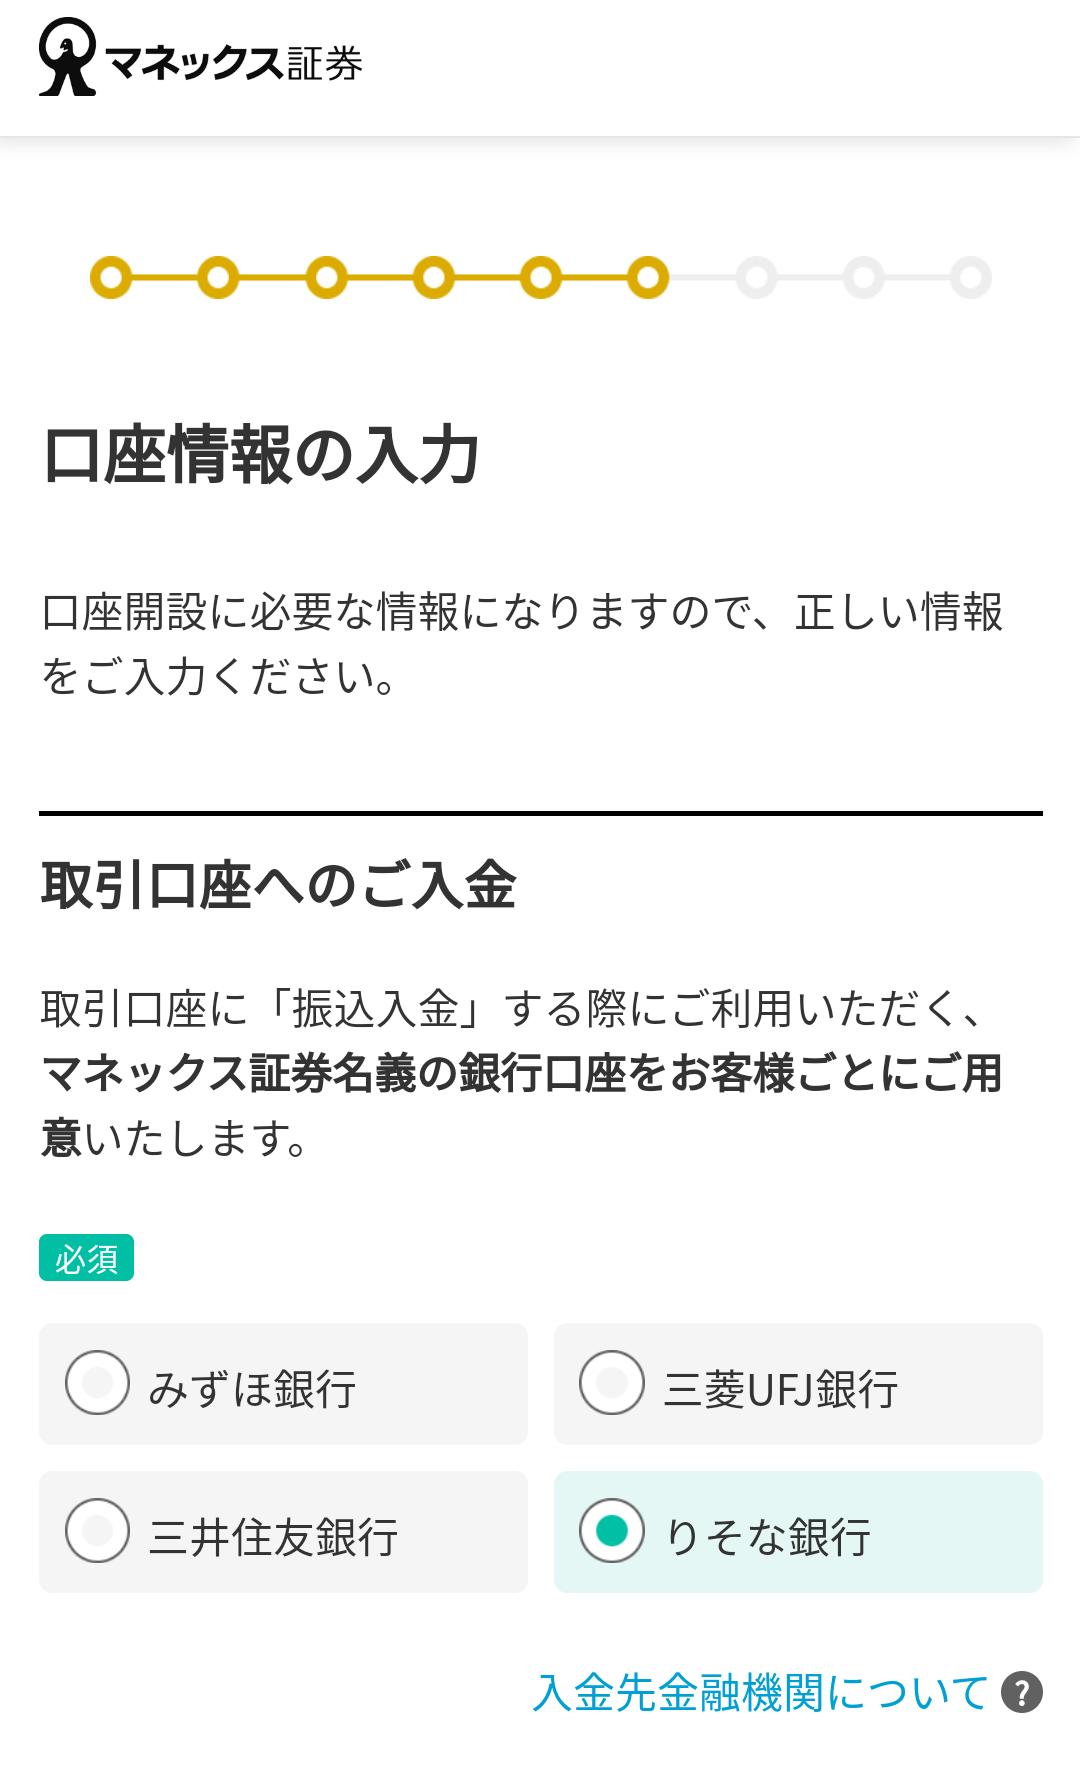 マネックスオンライン口座開設7